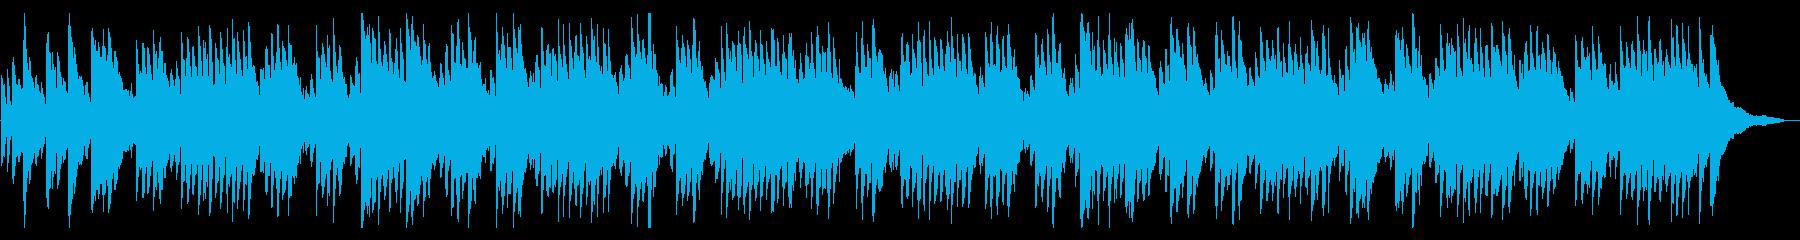 ✡都市伝説動画に絶妙に合いそうな✡ピアノの再生済みの波形